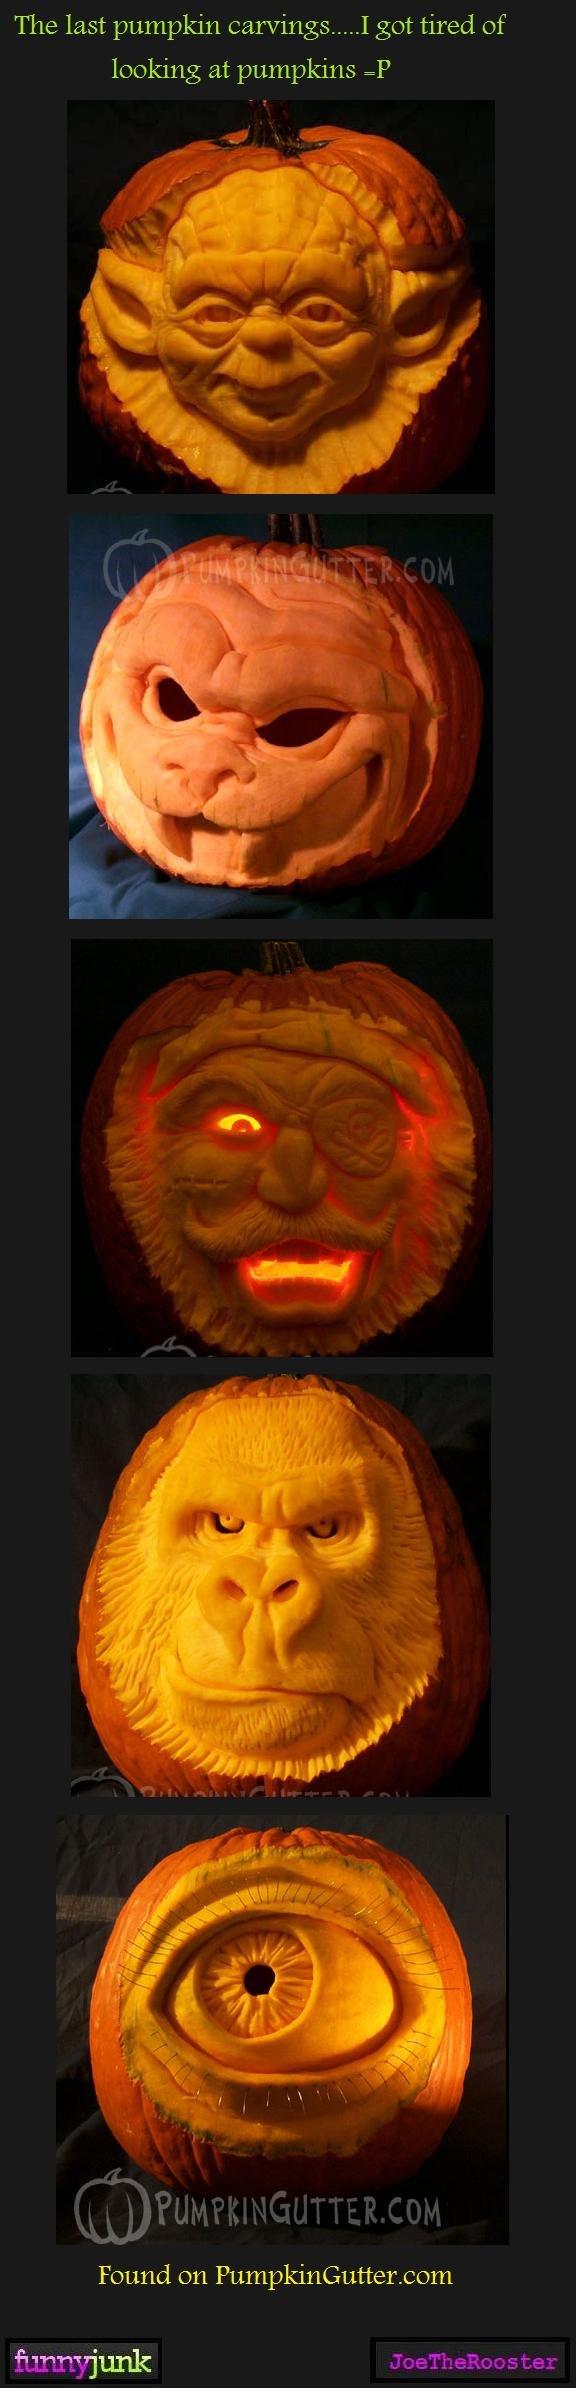 Pumpkin carvings 4. Moar<br /> www.funnyjunk.com/funny_pictures/1116223/Pumpkin+carvings+1/<br /> www.funnyjunk.com/funny_pictures/1116251/Pumpkin+c